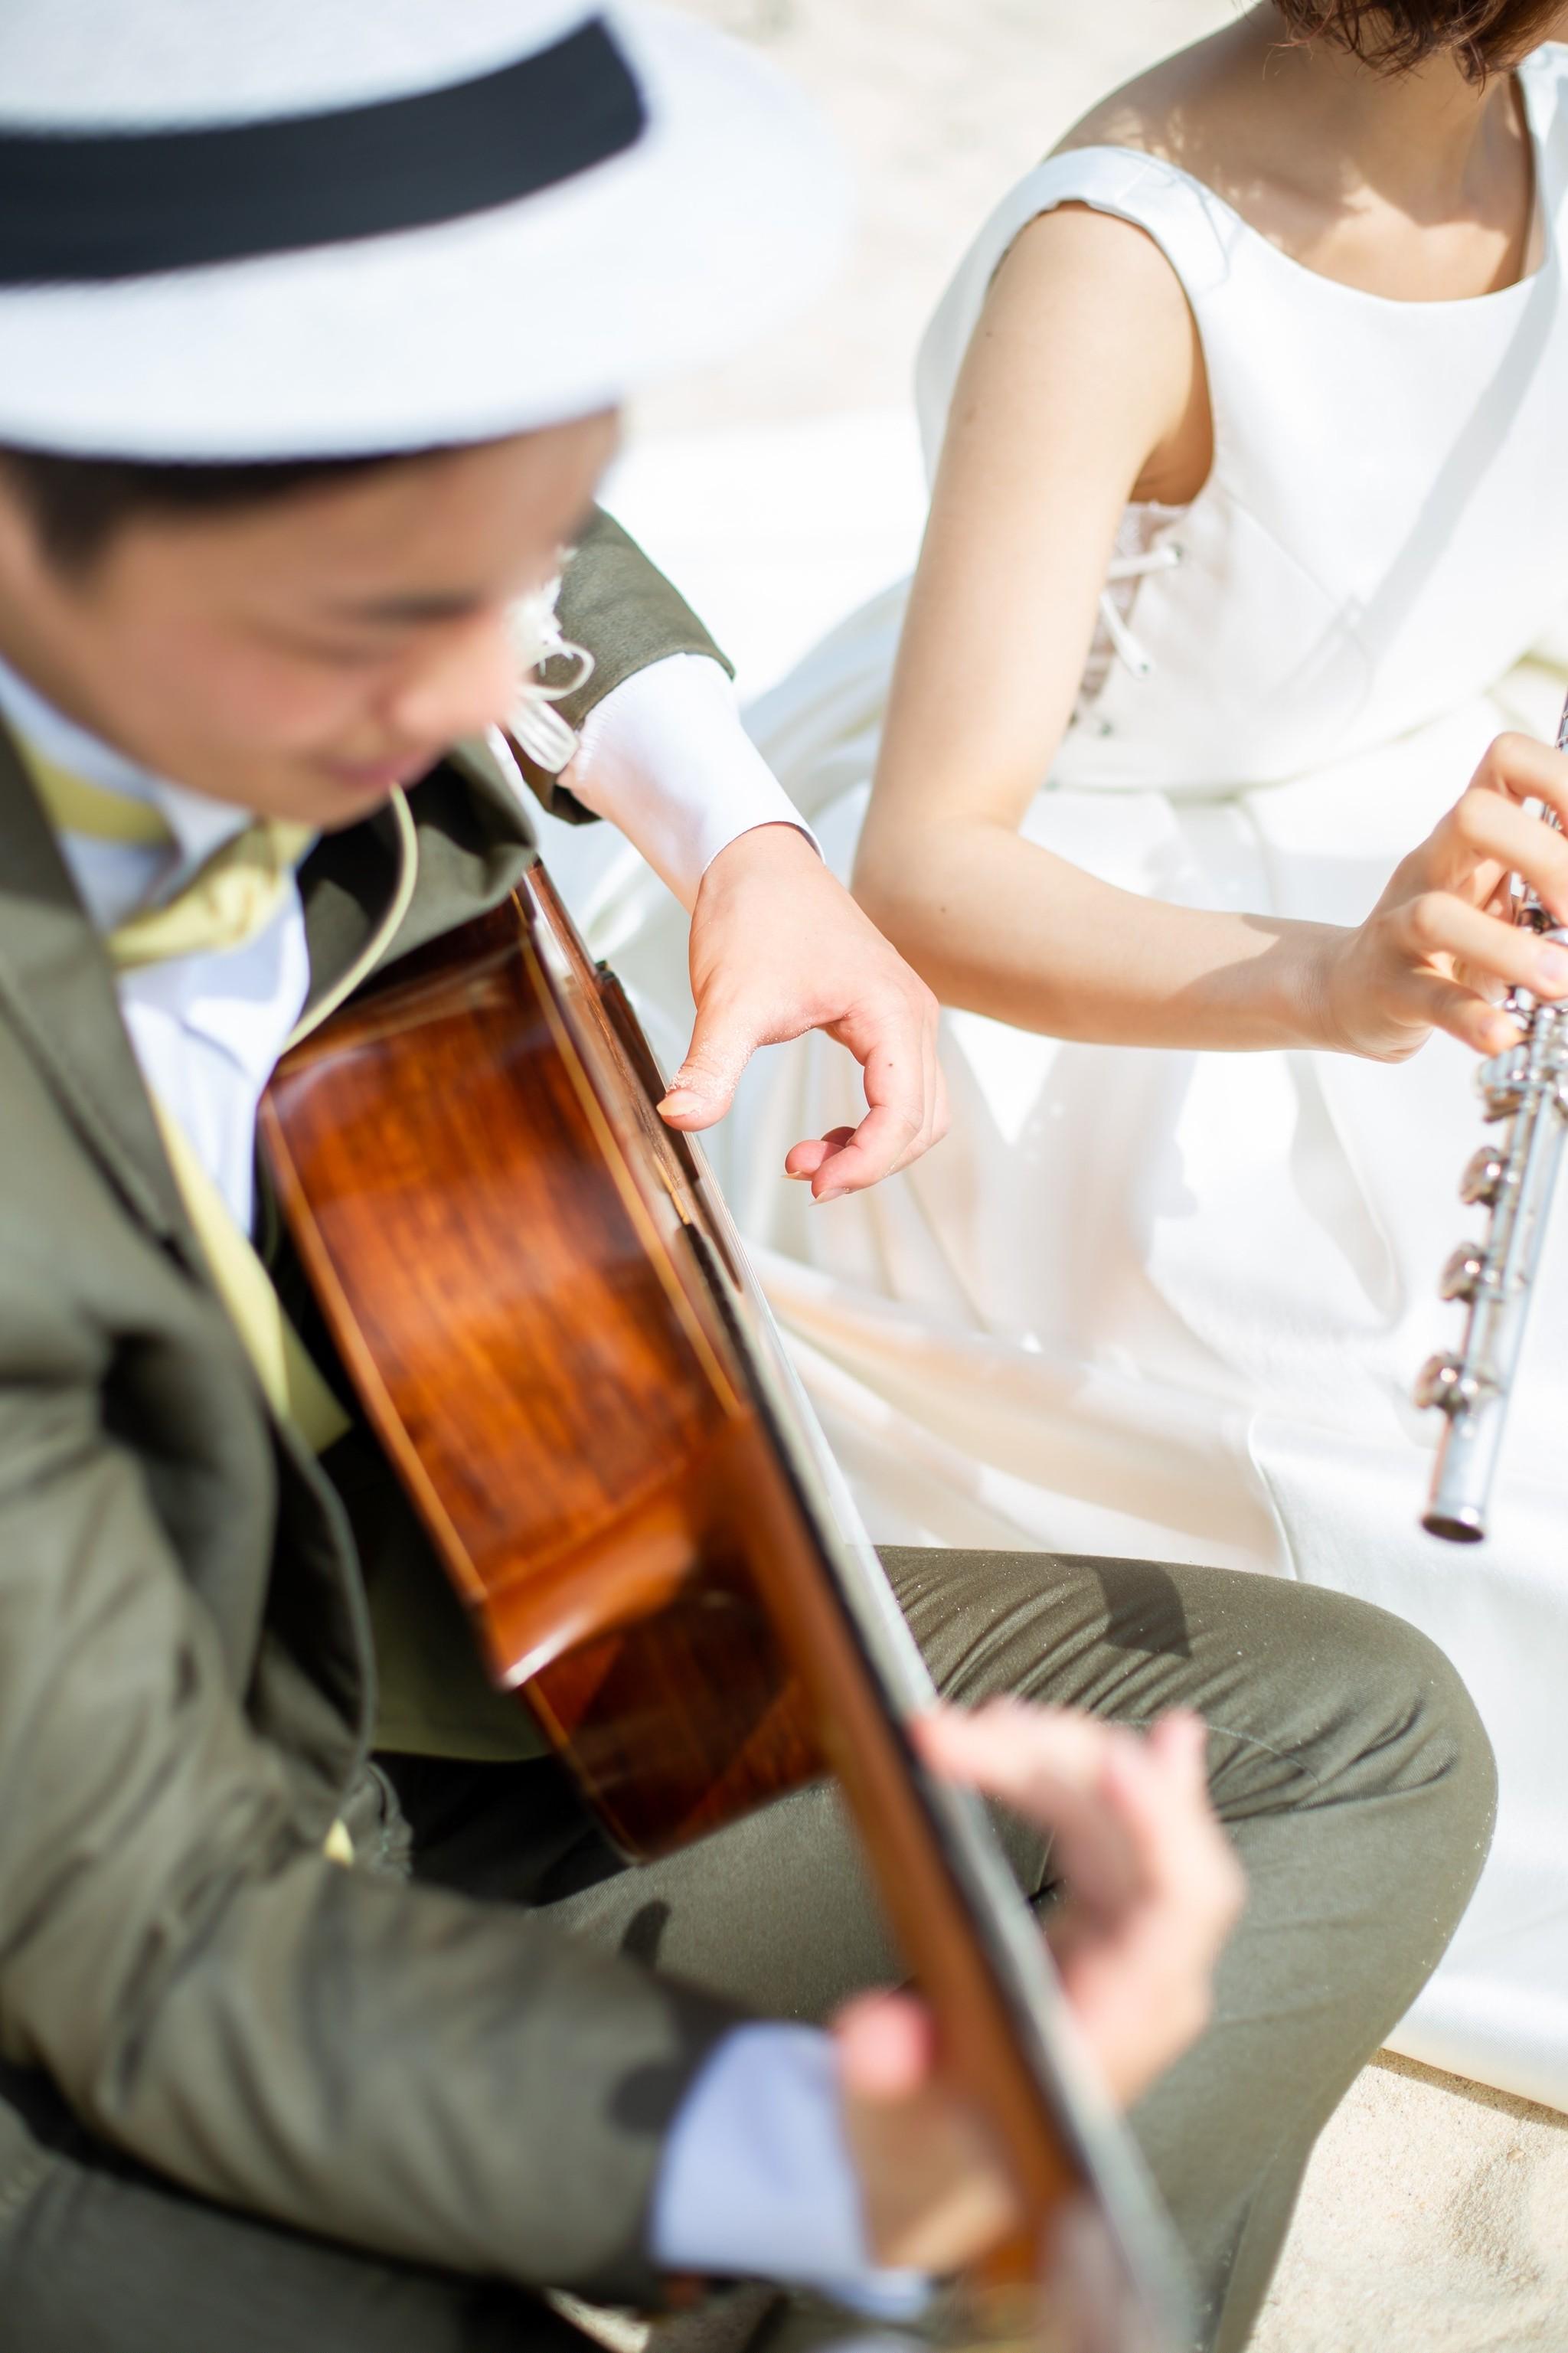 「どいしゅぽんとしゅ」CD販売&音楽提供 申込ページ